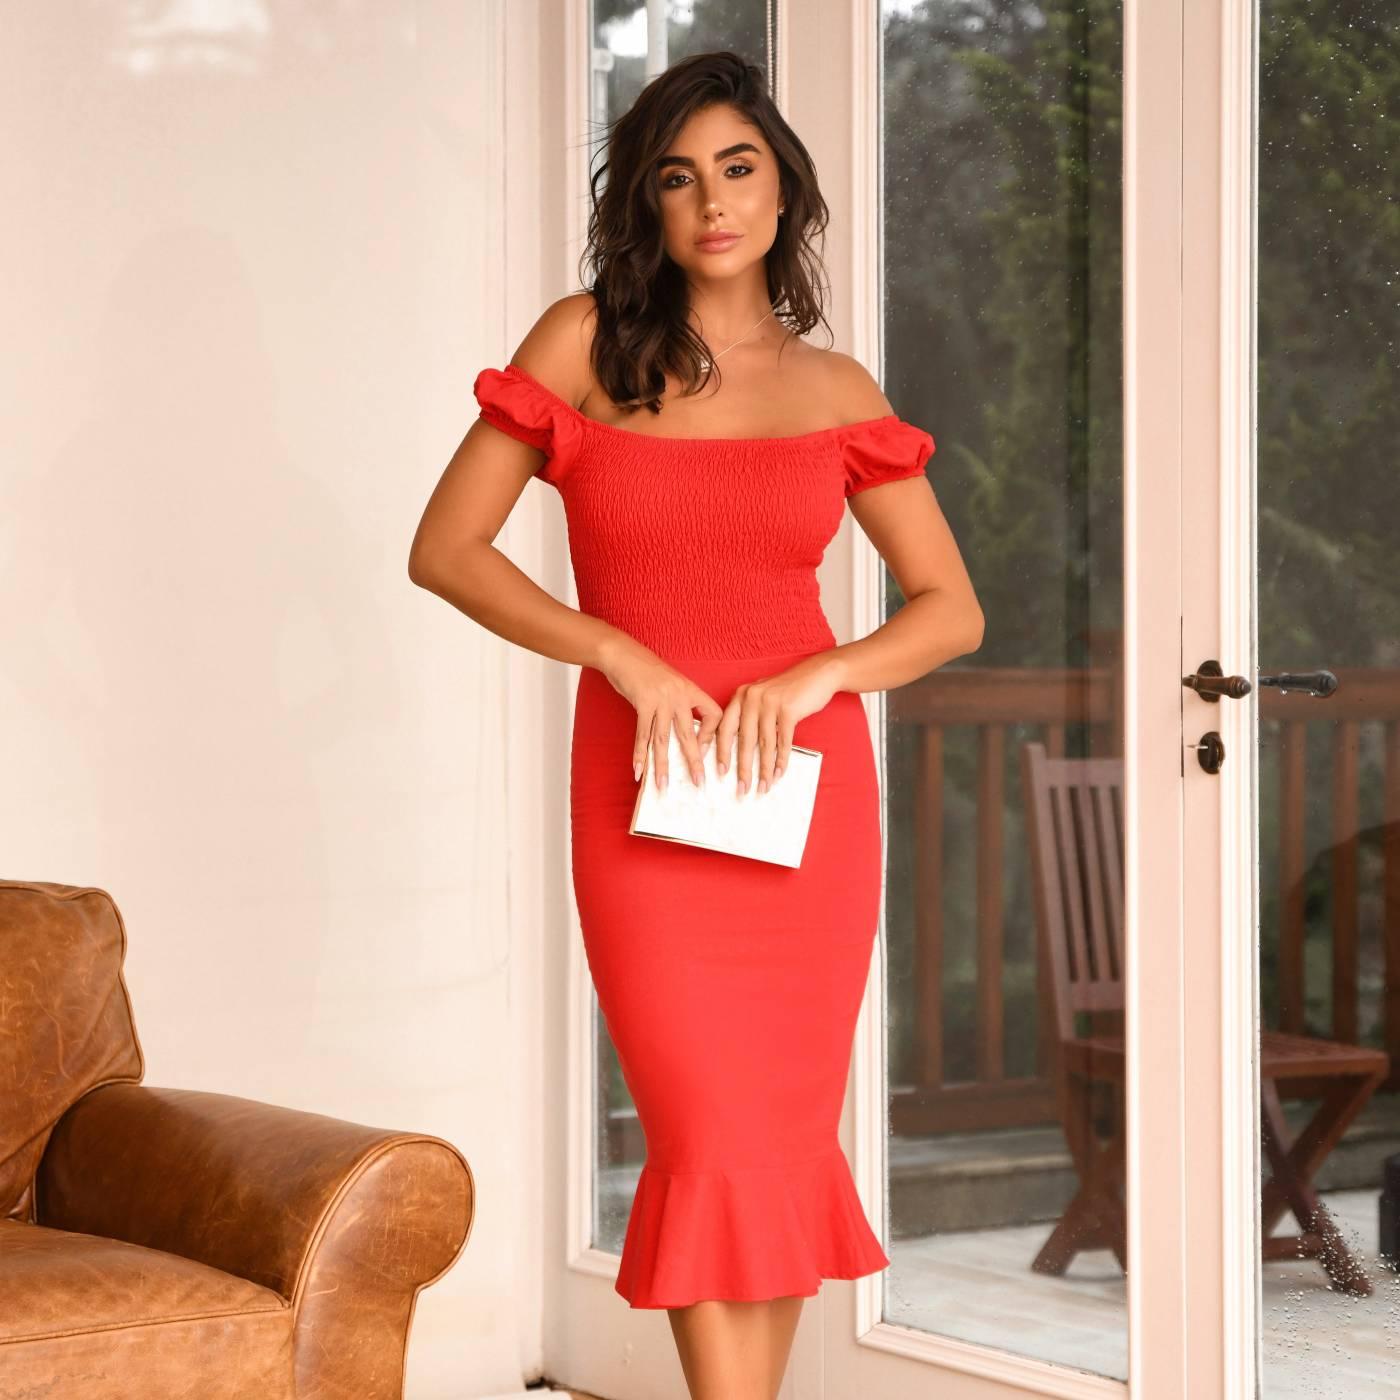 Vestido Debora  - Empório NM